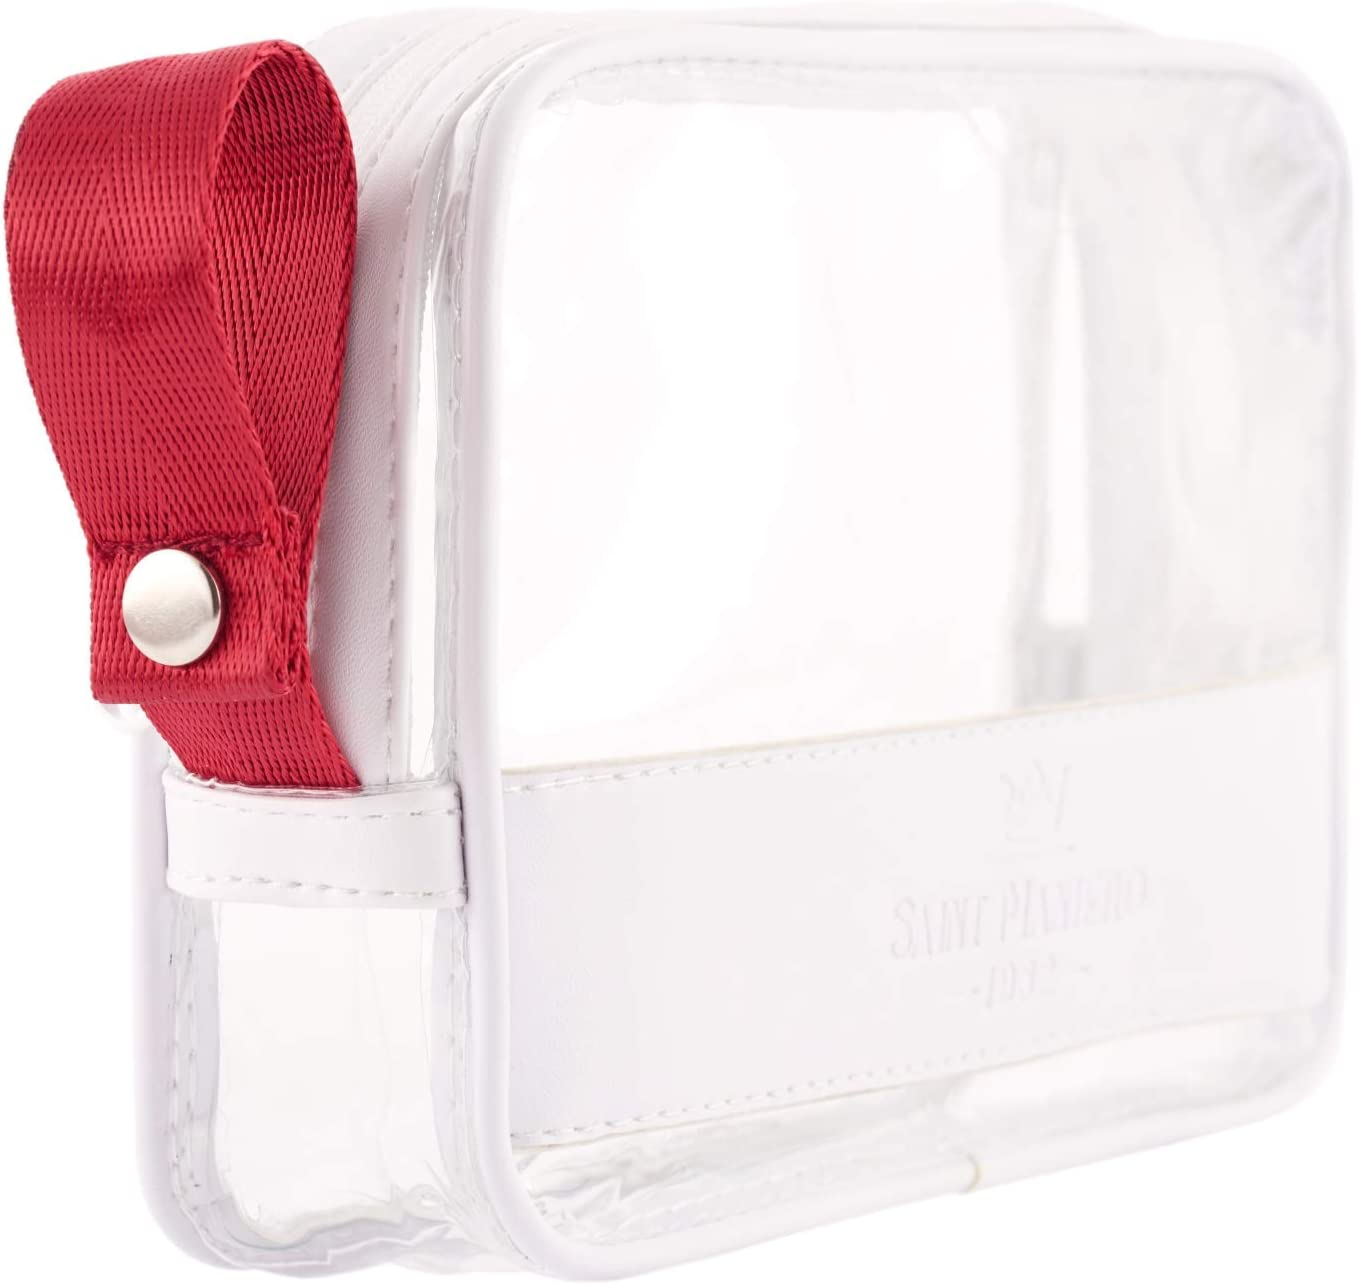 Kulturbeutel Transparenter Kosmetiktasche f/ür Koffer Transparente Toilettentasche Damen /& Herren Schwarz Kulturtasche zum Transport von Fl/üssigkeiten 2 Durchsichtige Flugzeug Beutel